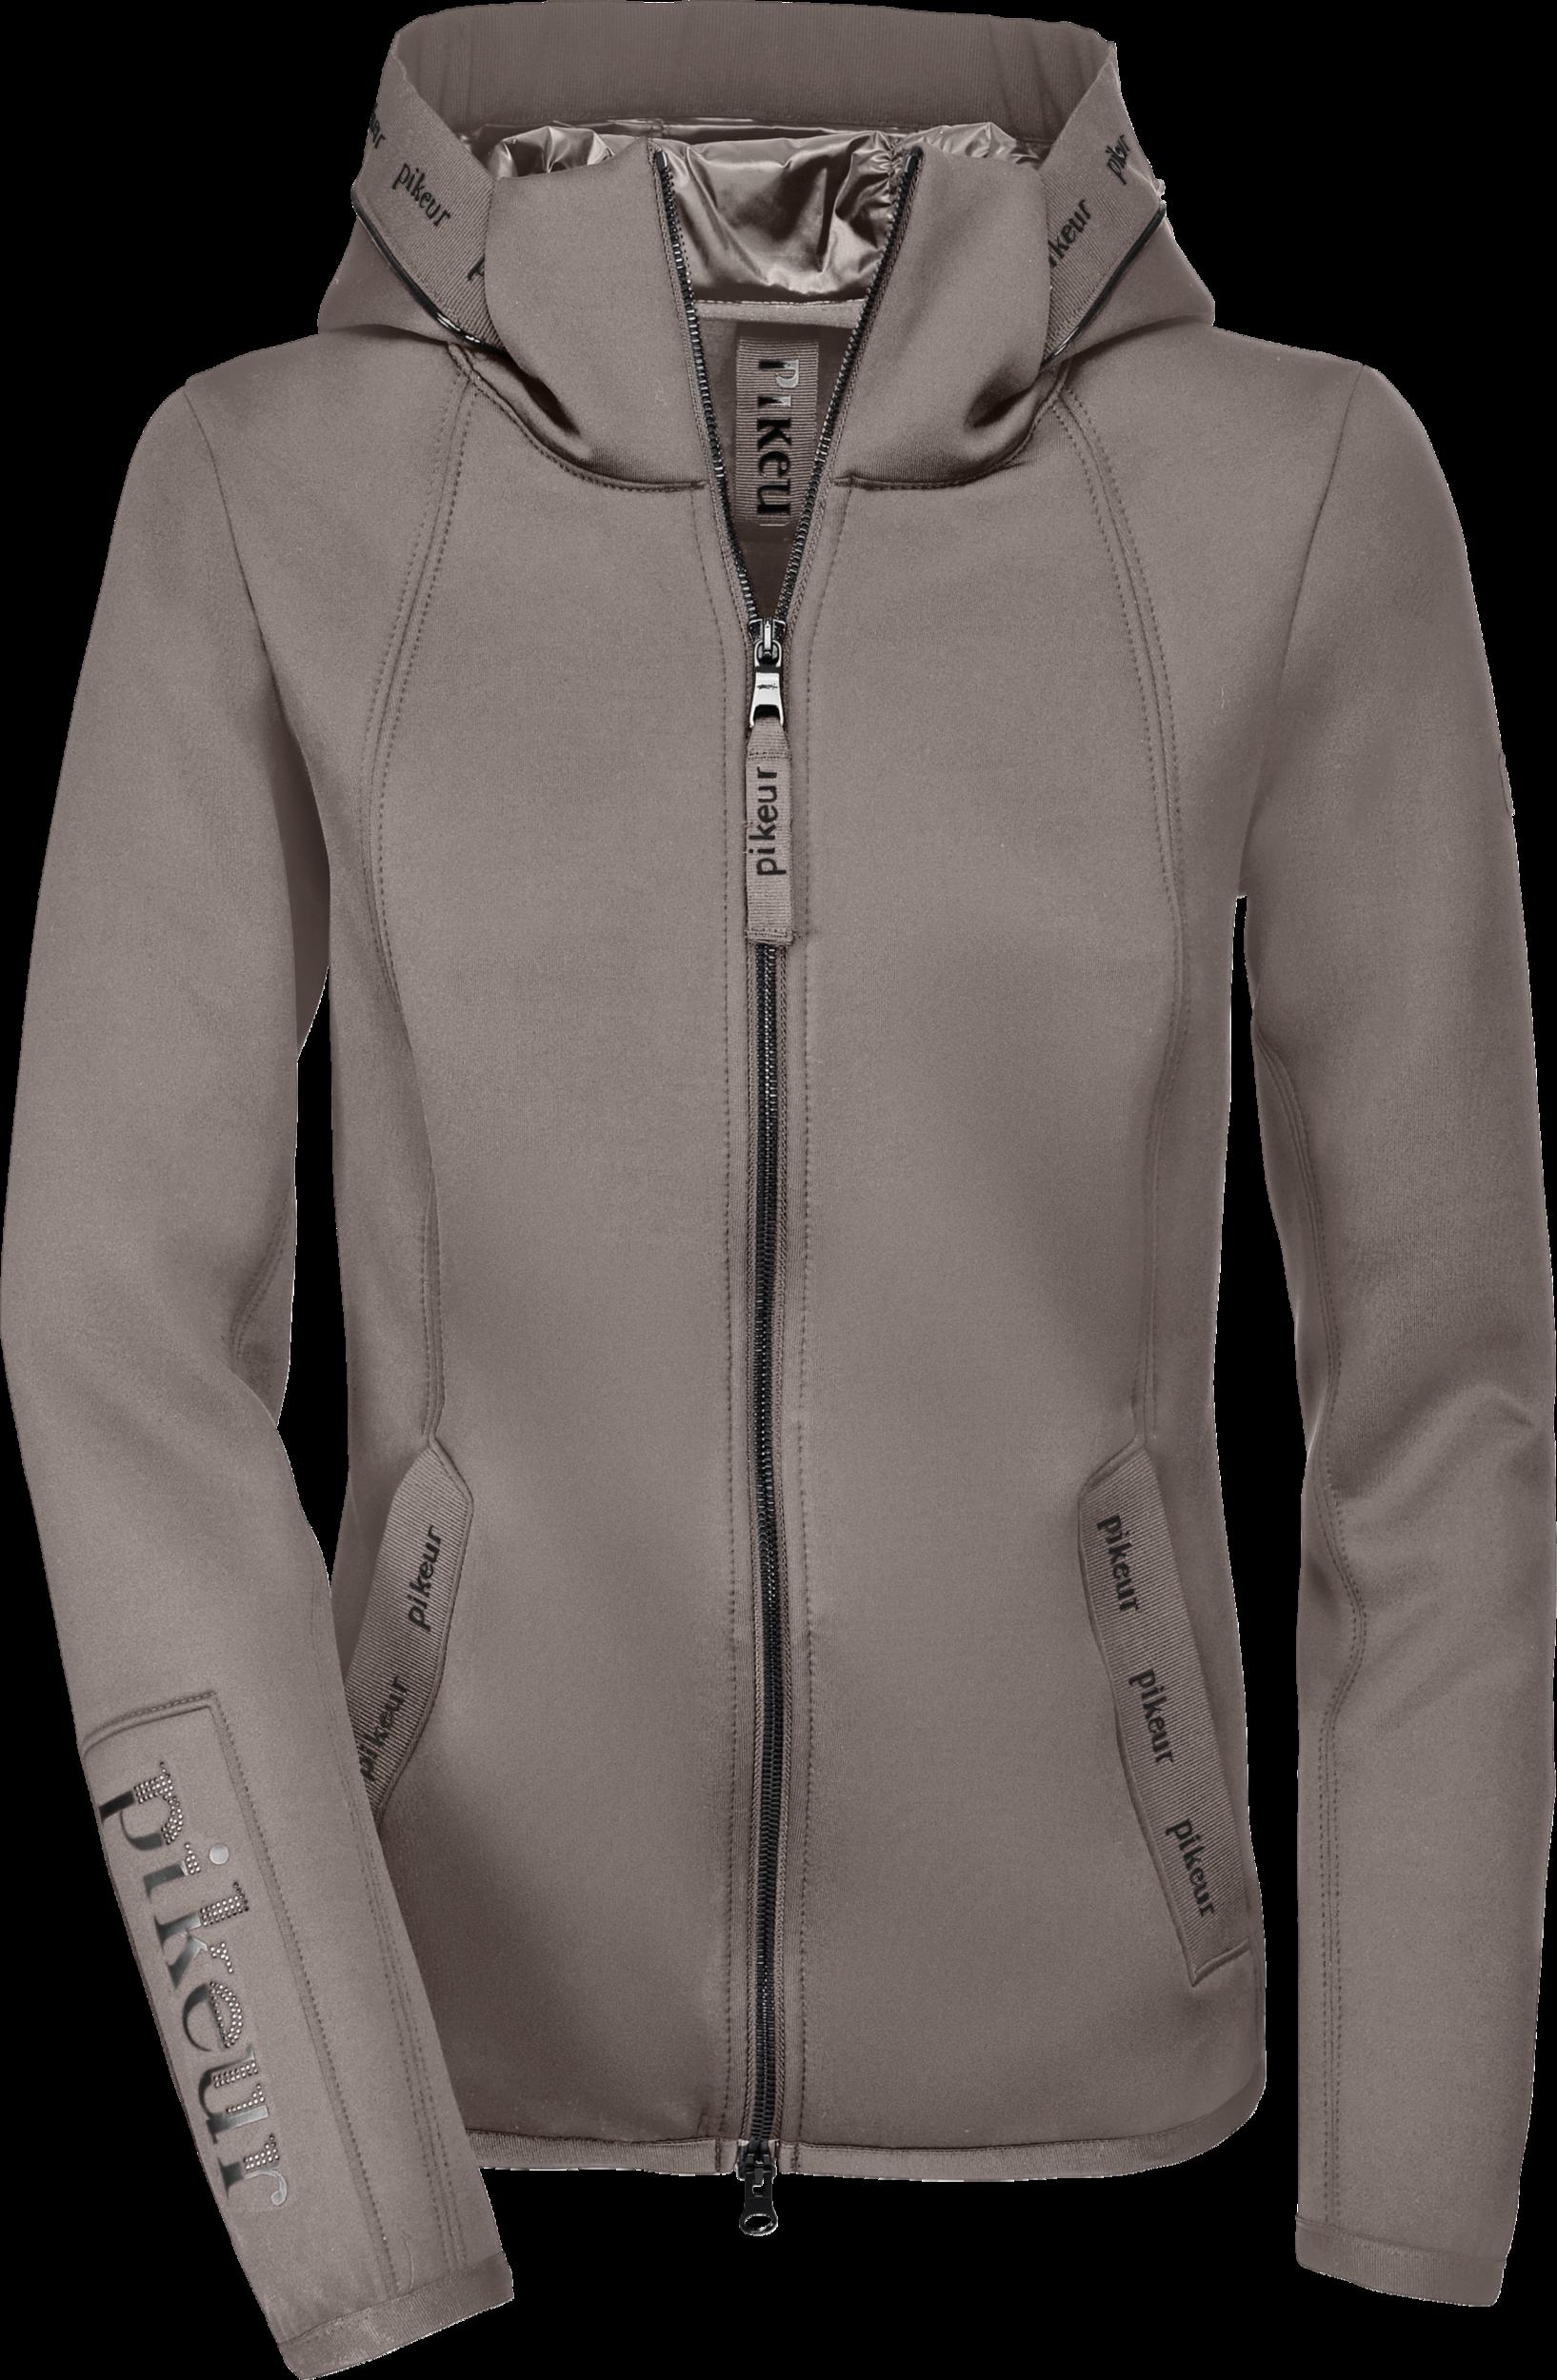 ILAINE Jacket